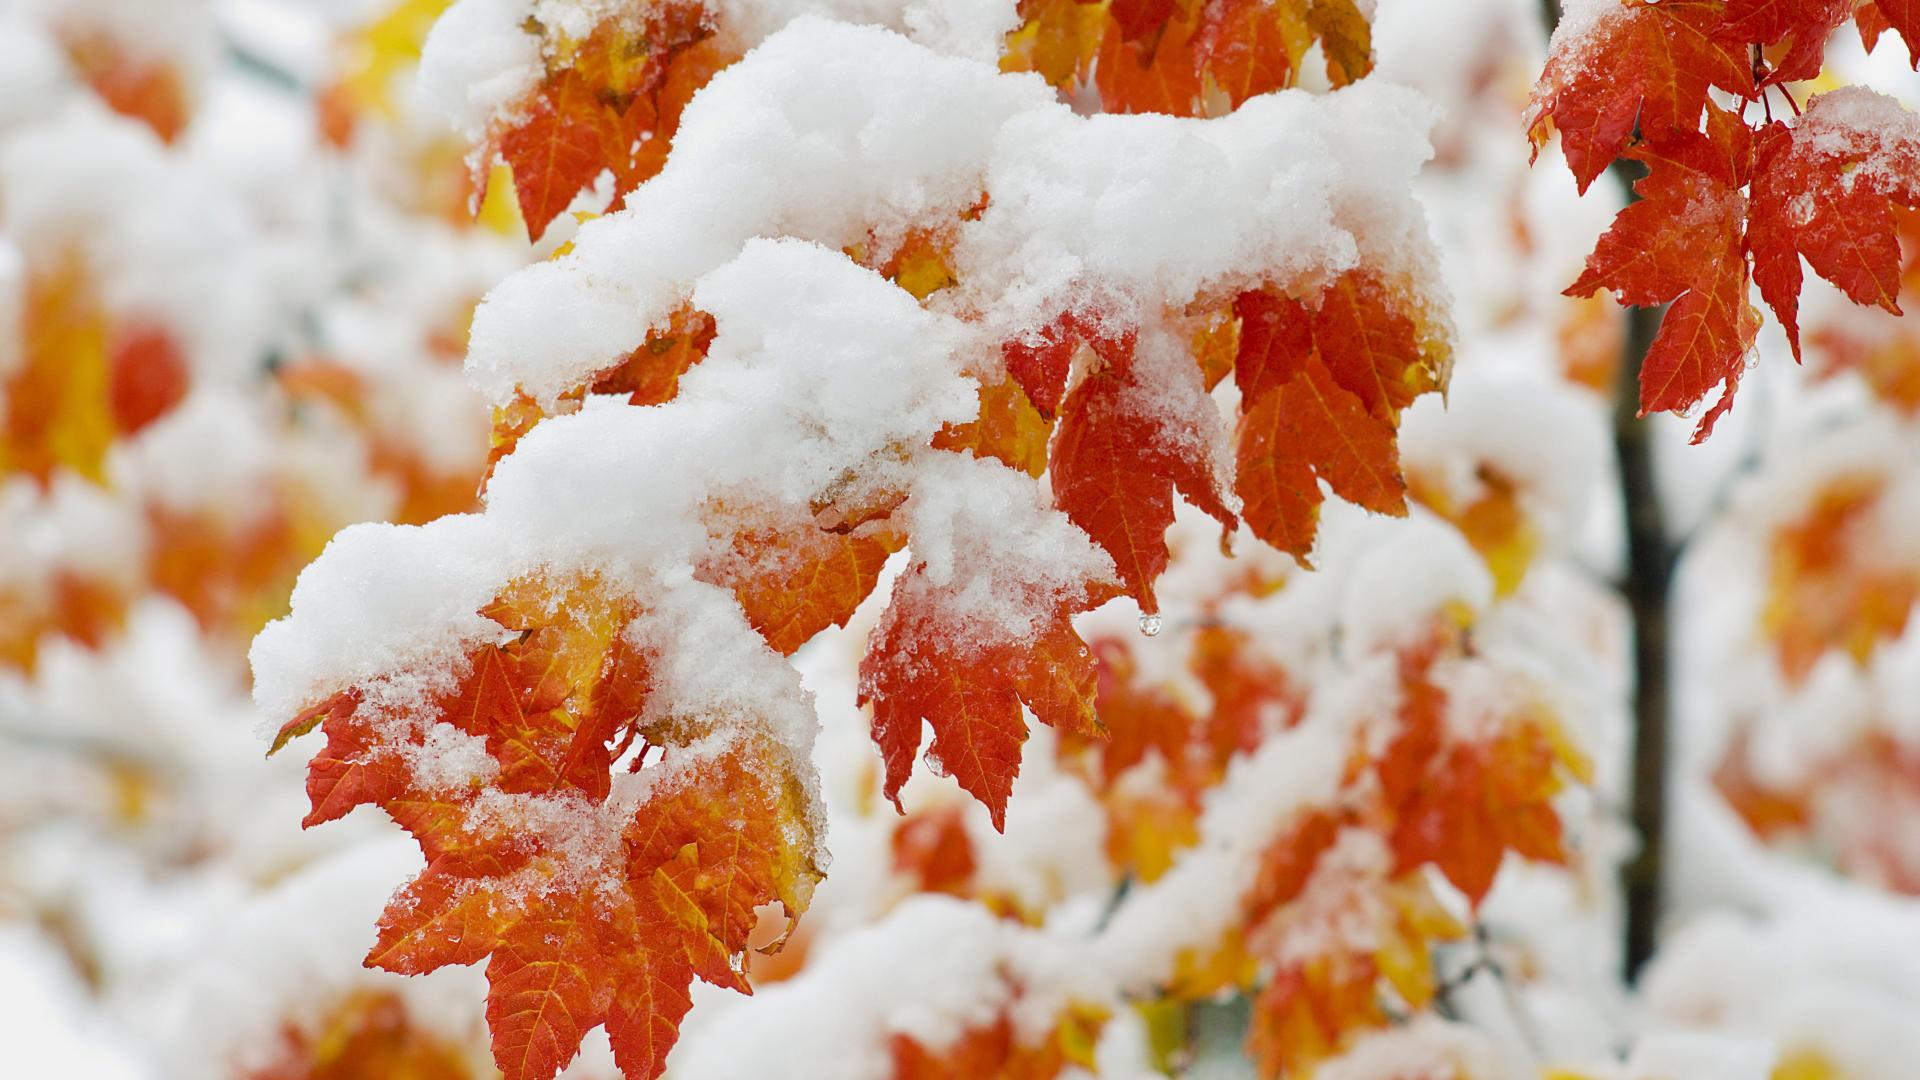 Картинки на рабочий стол октябрь первый снег (1)